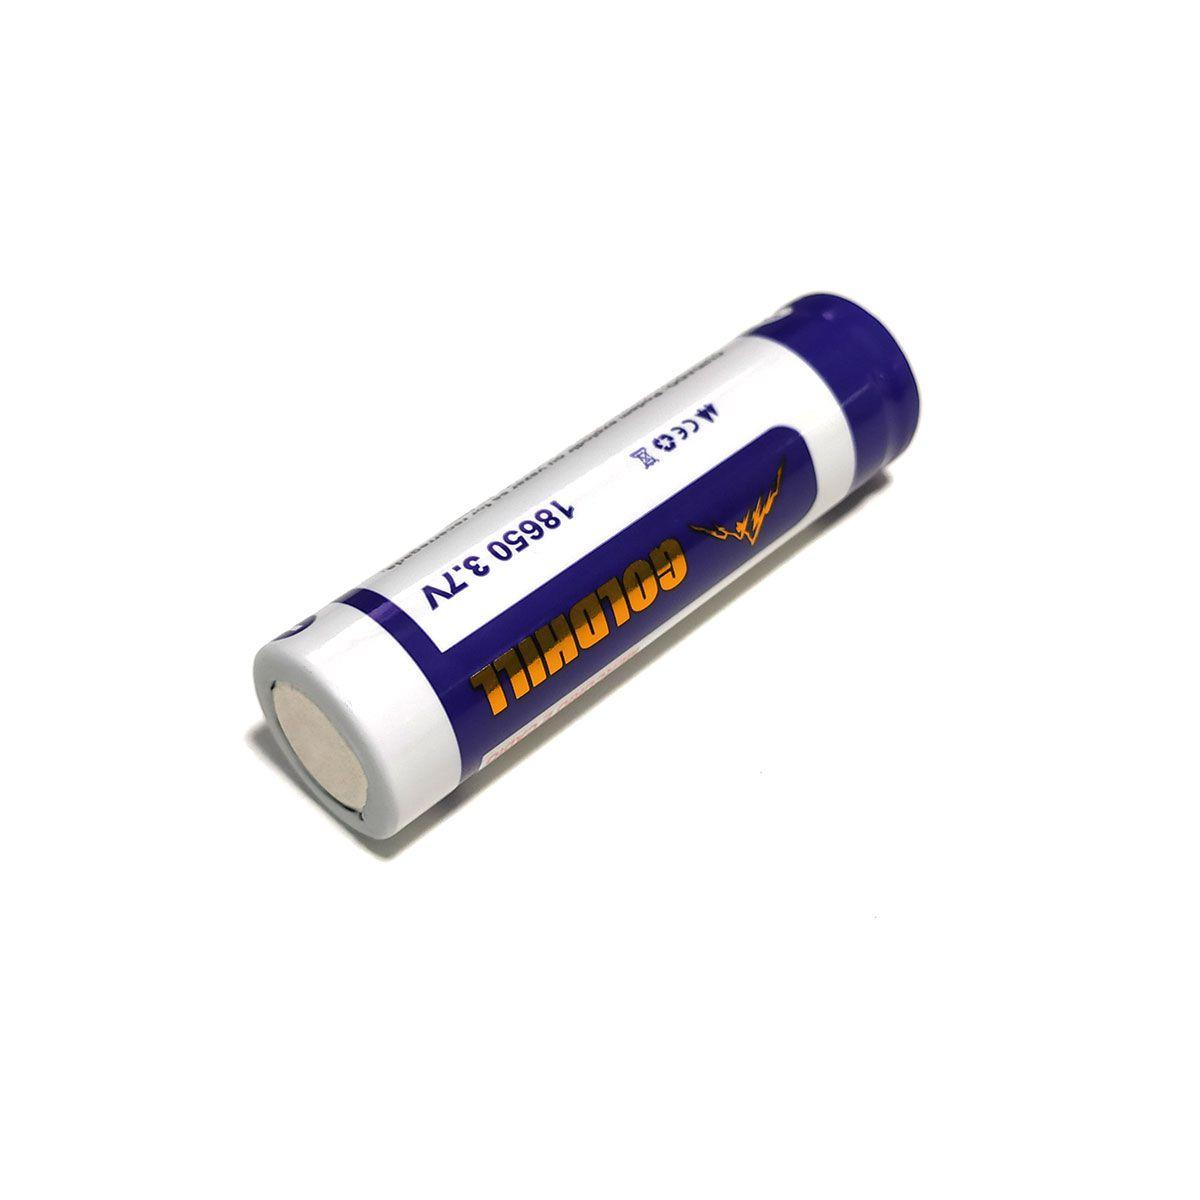 1x Bateria 3,7V 18650 de Lítio Recarregável - GoldHill